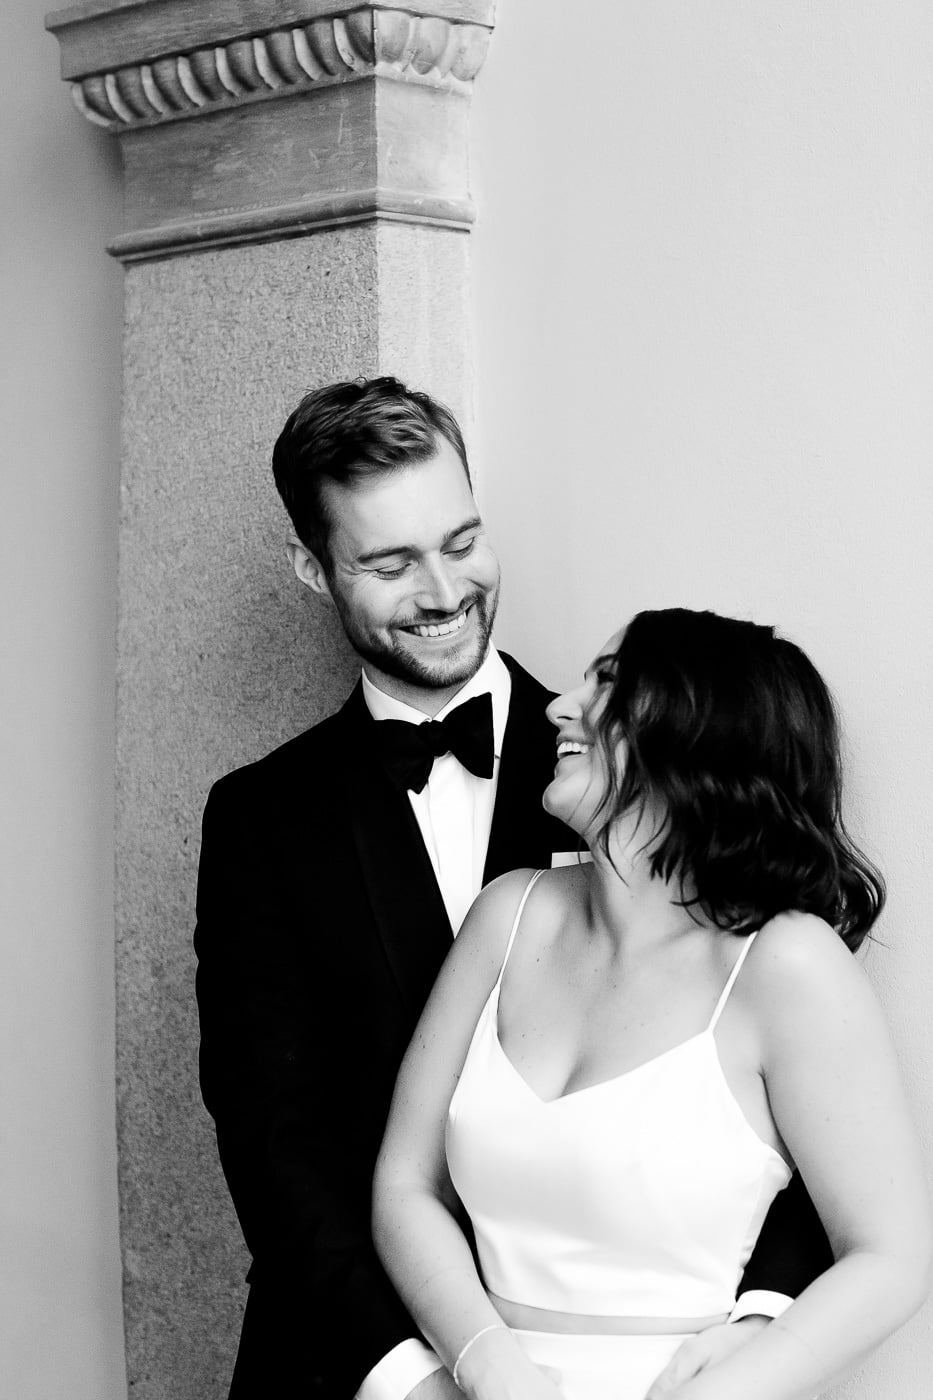 Caroline & Bendik - avslappet og morsomt bryllup i Ski Fotograf bryllup ski 15 Brudepar